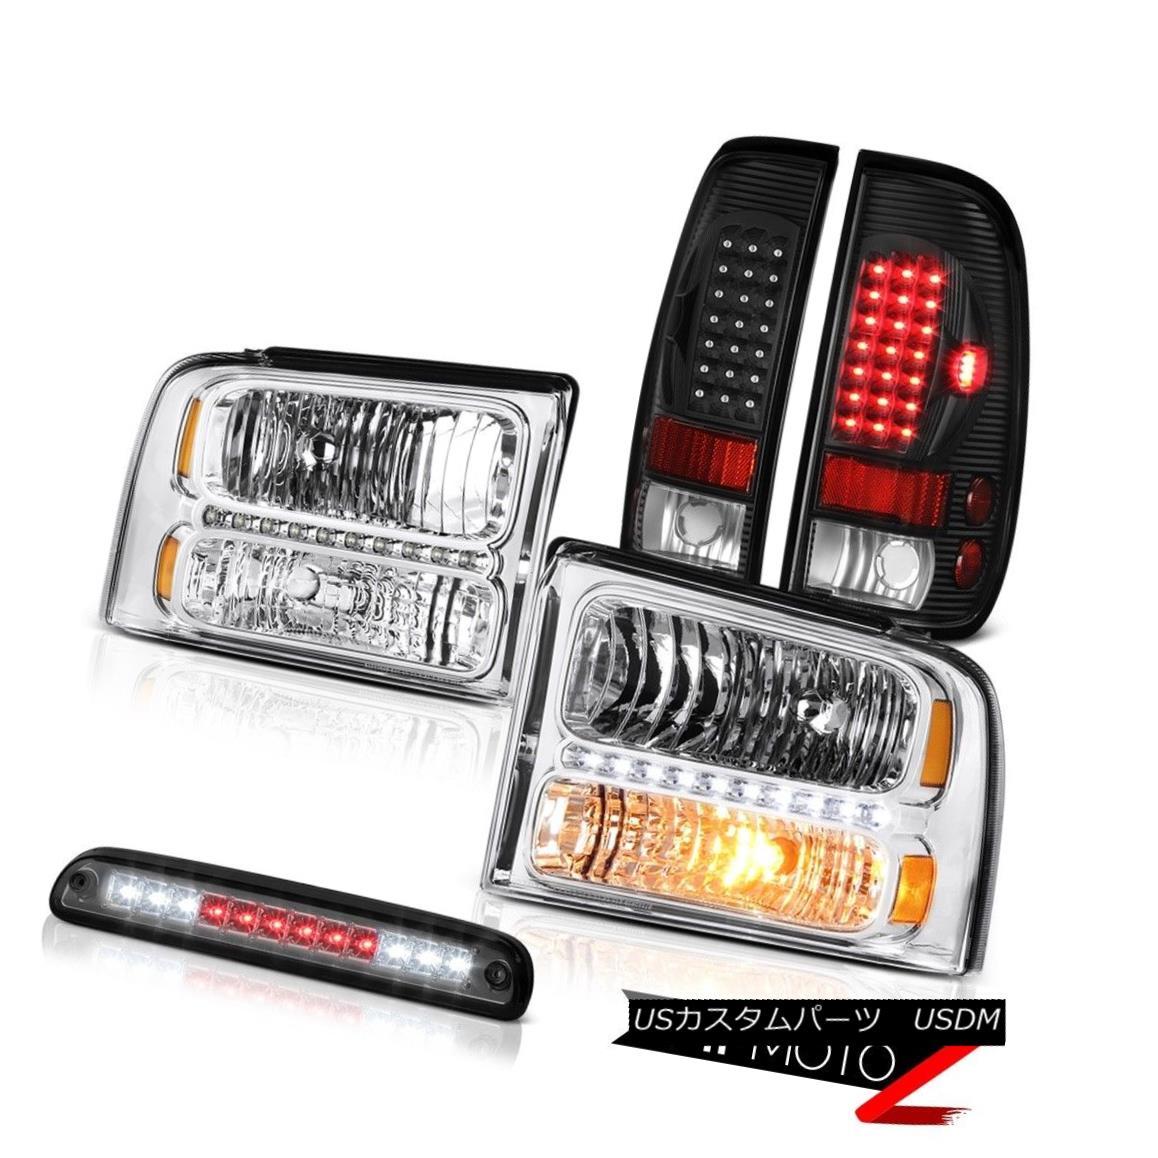 テールライト 05 06 07 F350 7.3L Pair Chrome Headlights LED Bulbs Tail Lamps High Stop Smoke 05 06 07 F350 7.3LペアクロームヘッドライトLED電球テールランプハイストップスモーク